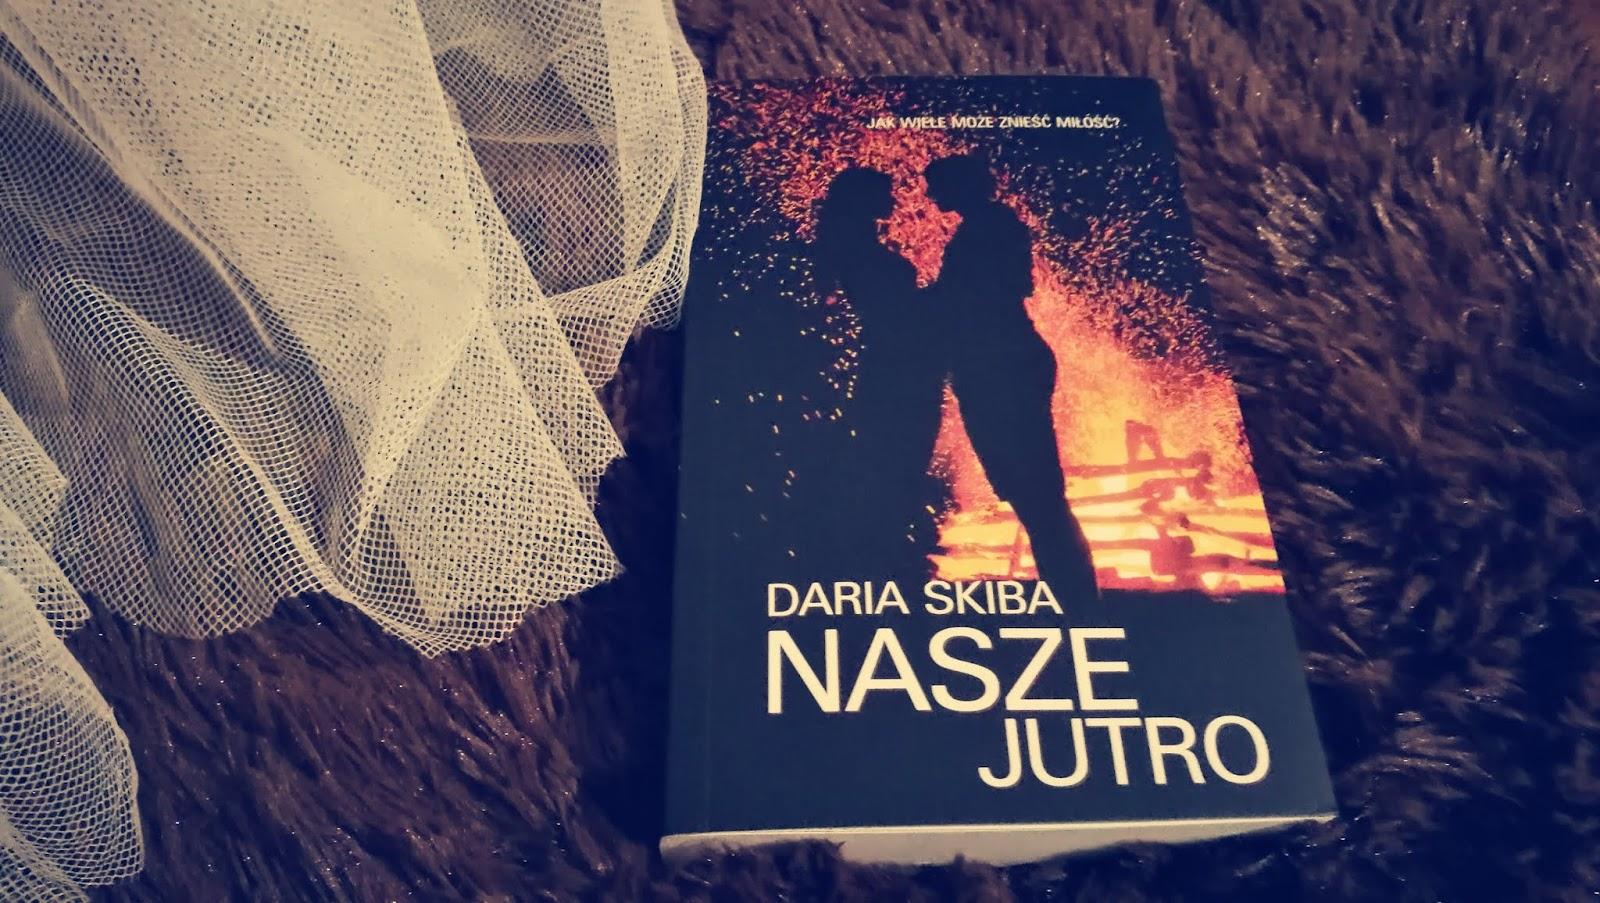 Nasze jutro, Daria Skiba